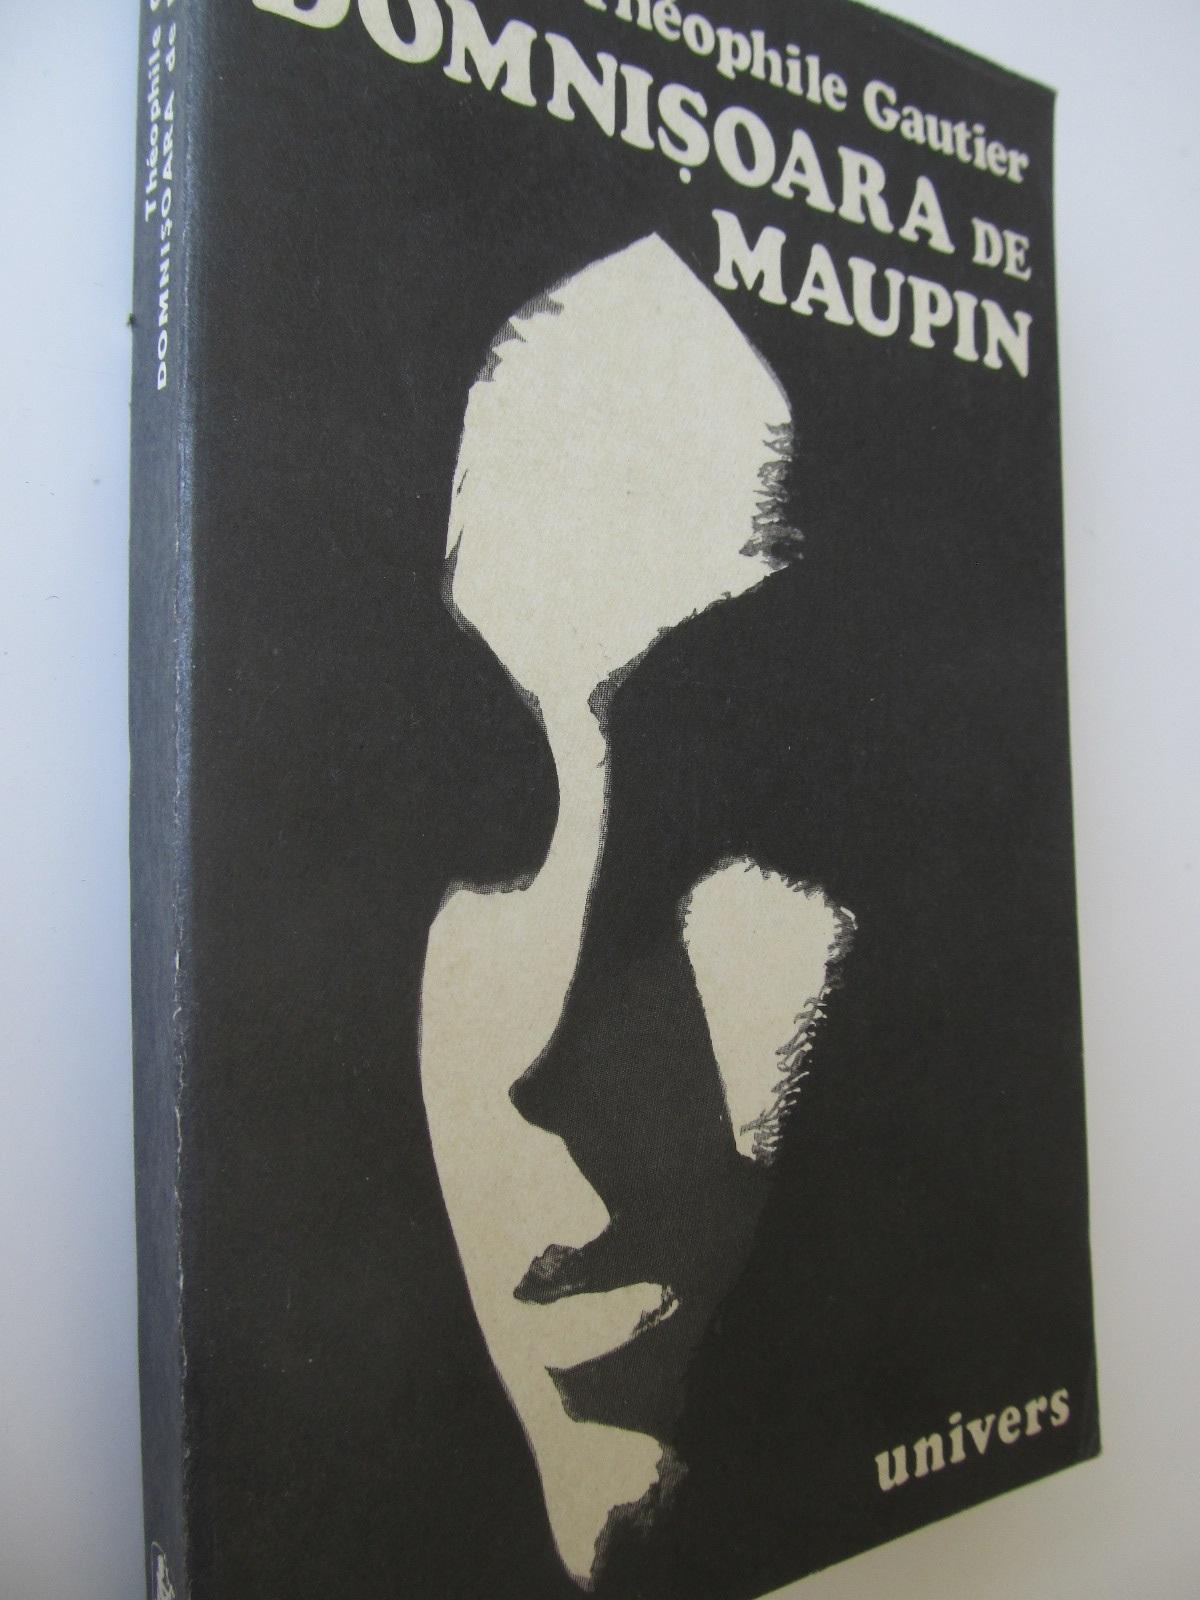 Domnisoara de Maupin - Theophile Gautier | Detalii carte